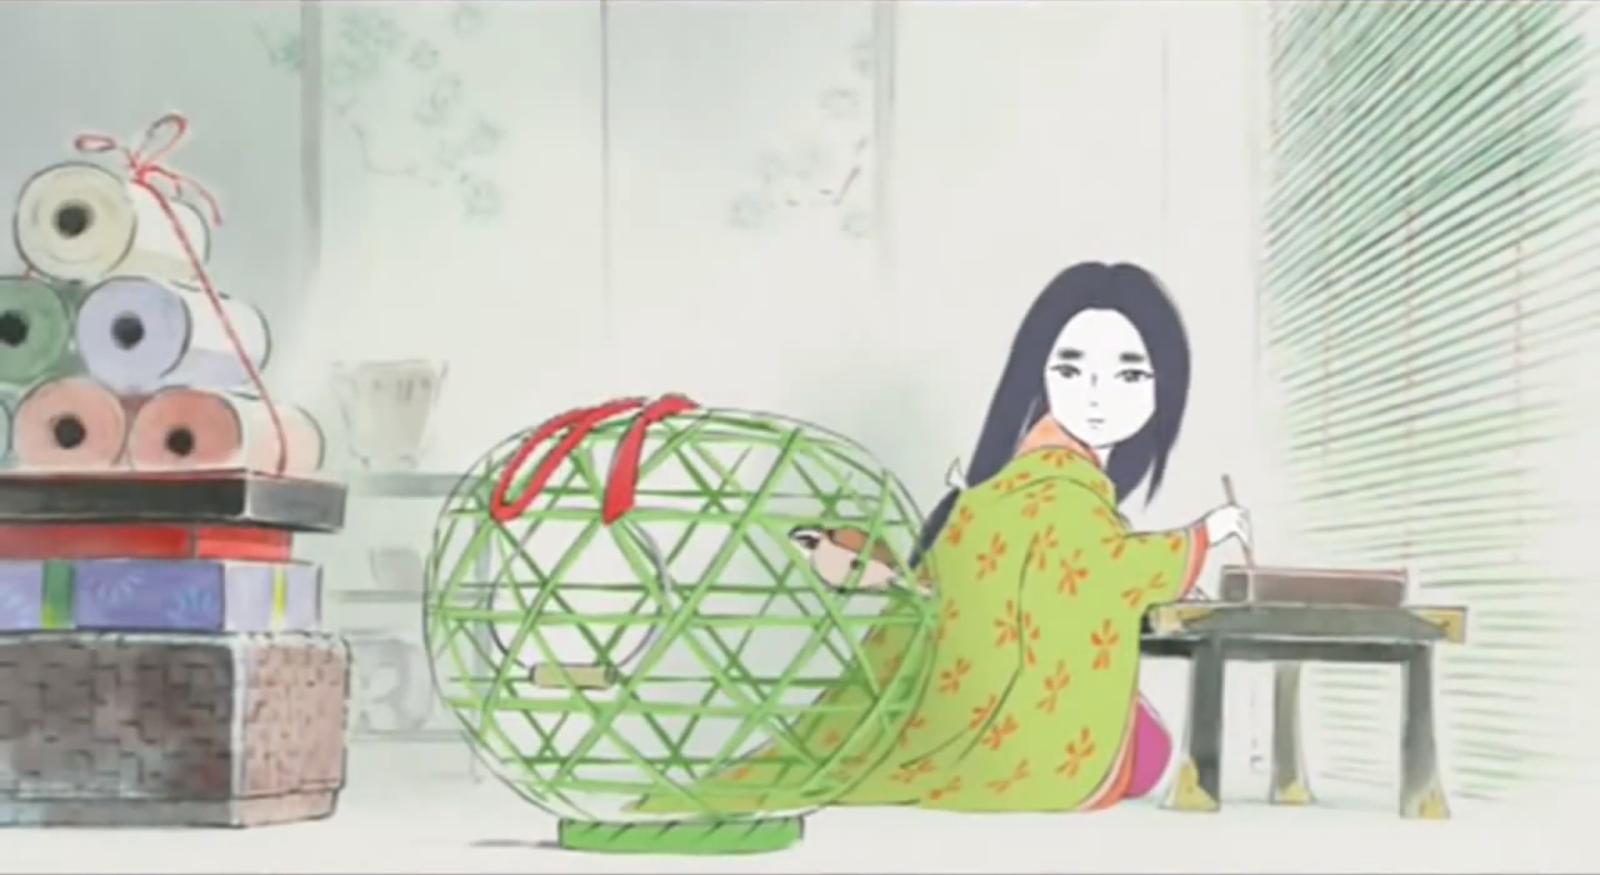 La storia della Principessa Splendente, trailer italiano del nuovo film firmato Studio Ghibli